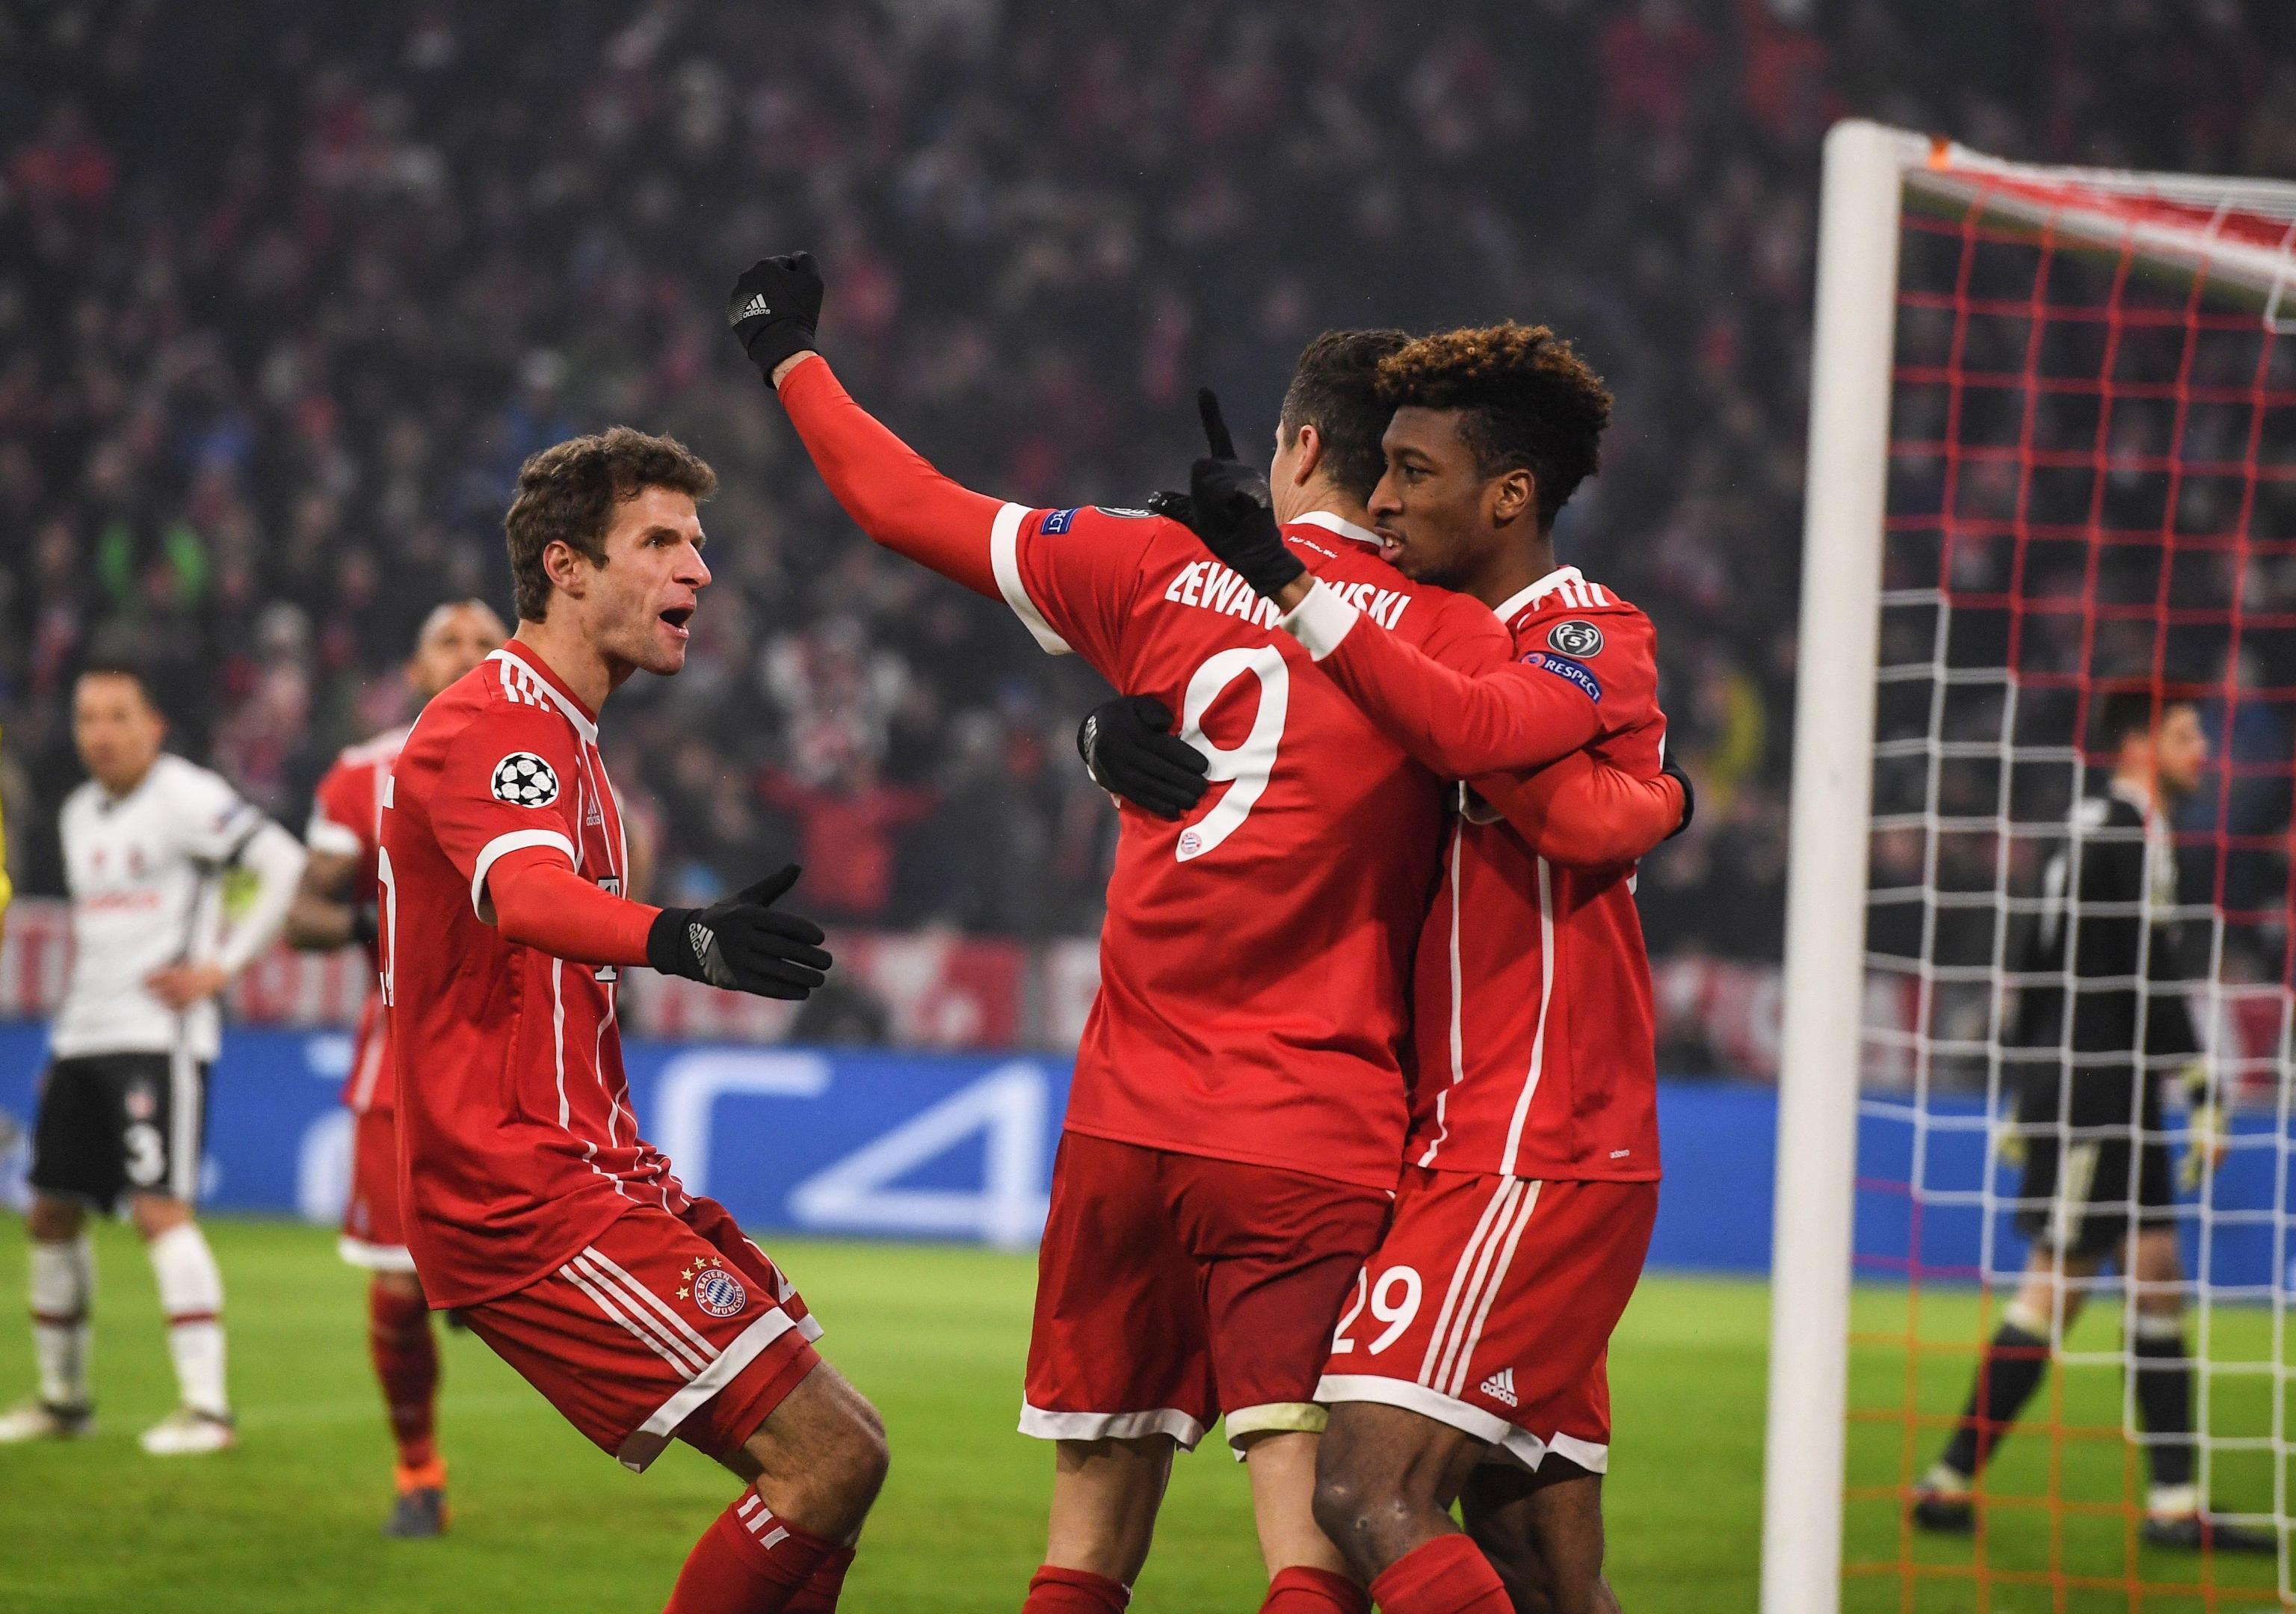 Bayern-Beskitas: Heynckes vede i quarti